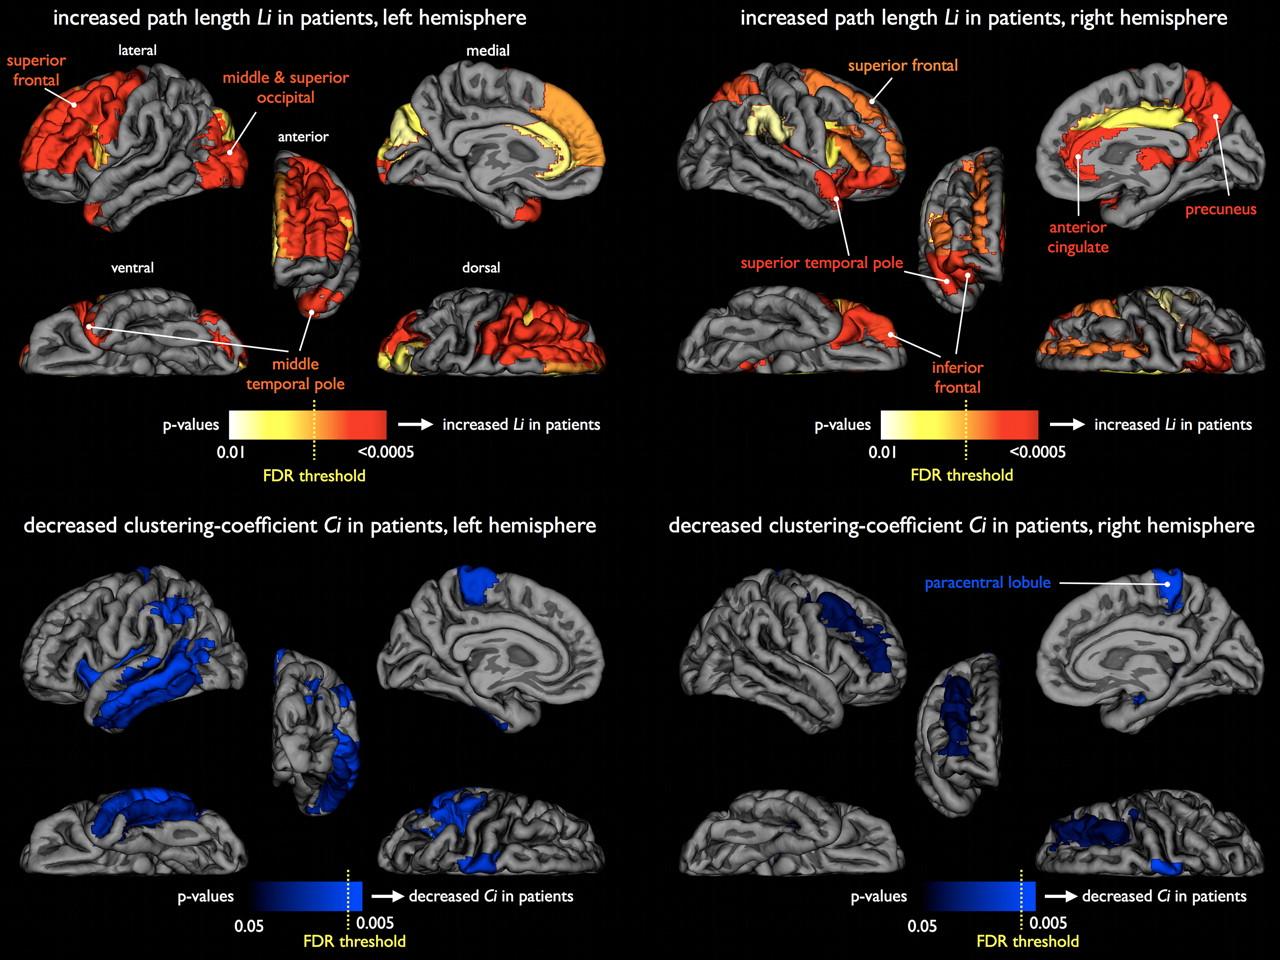 اشتراک ژنتیکی بین اسکیزوفرنی و اختلال دوقطبی